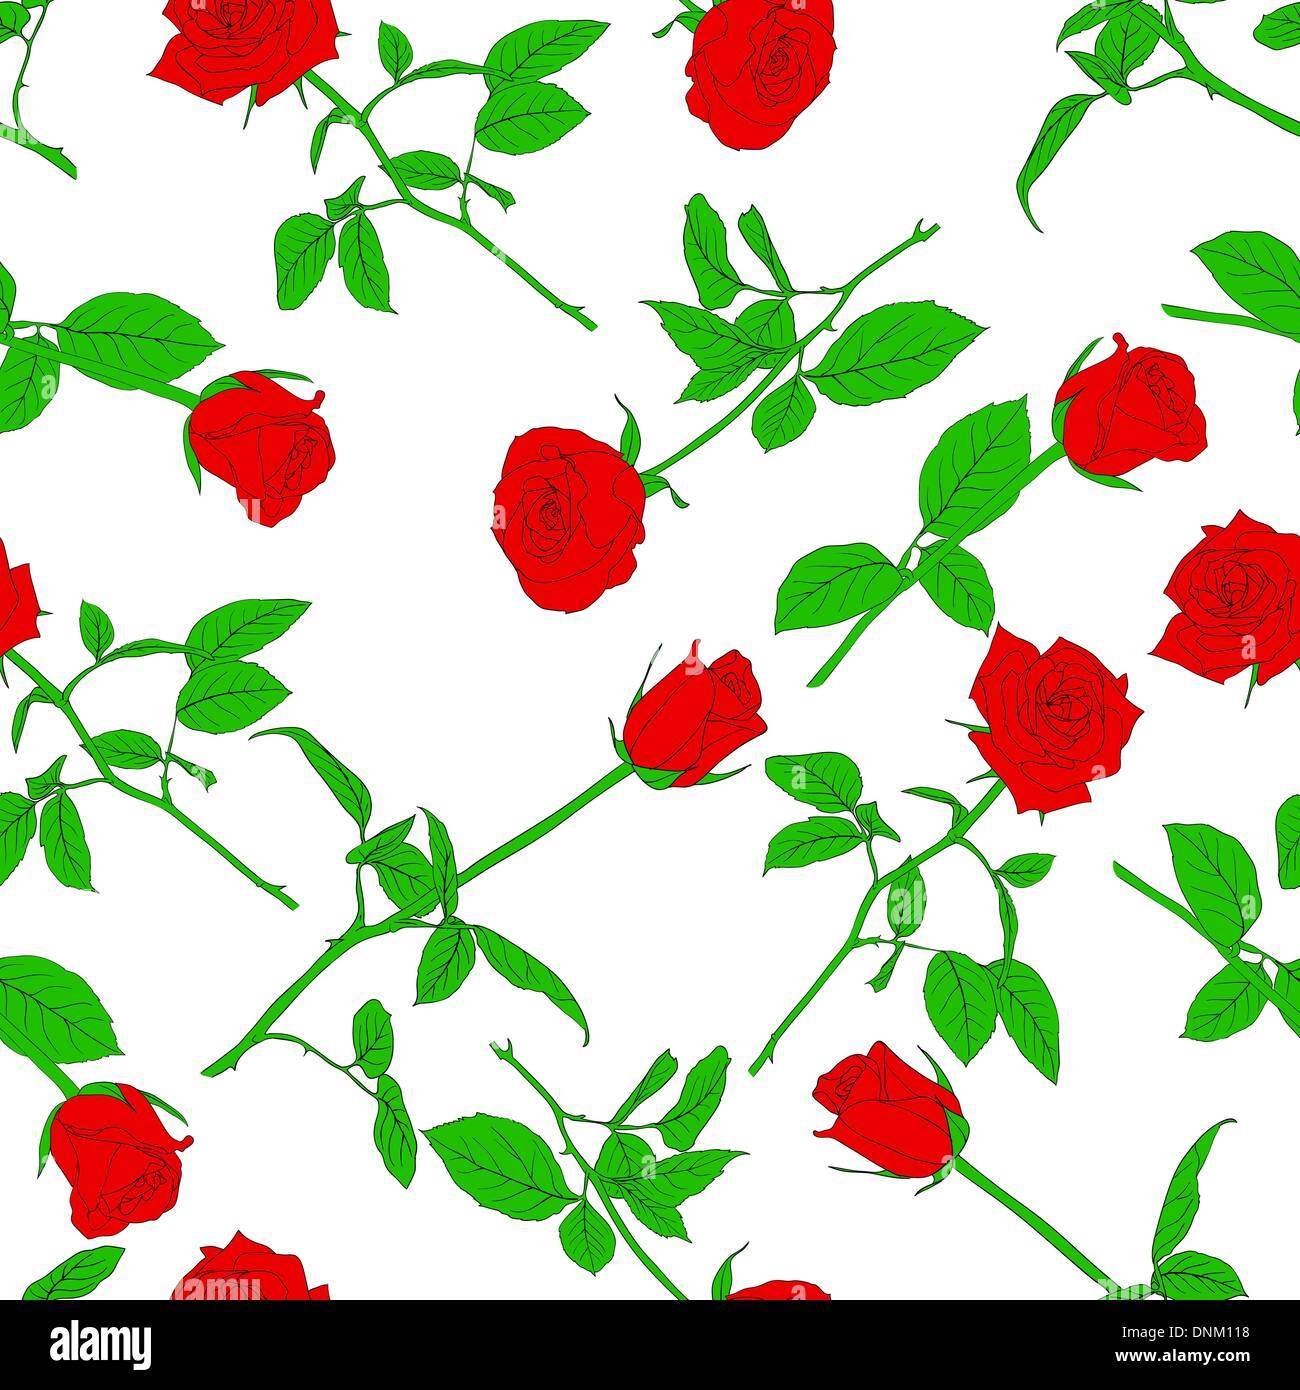 Fond transparent avec des roses. Peut être utilisé comme fond d'écran transparent, du textile, du papier d'emballage ou d'arrière-plan Photo Stock